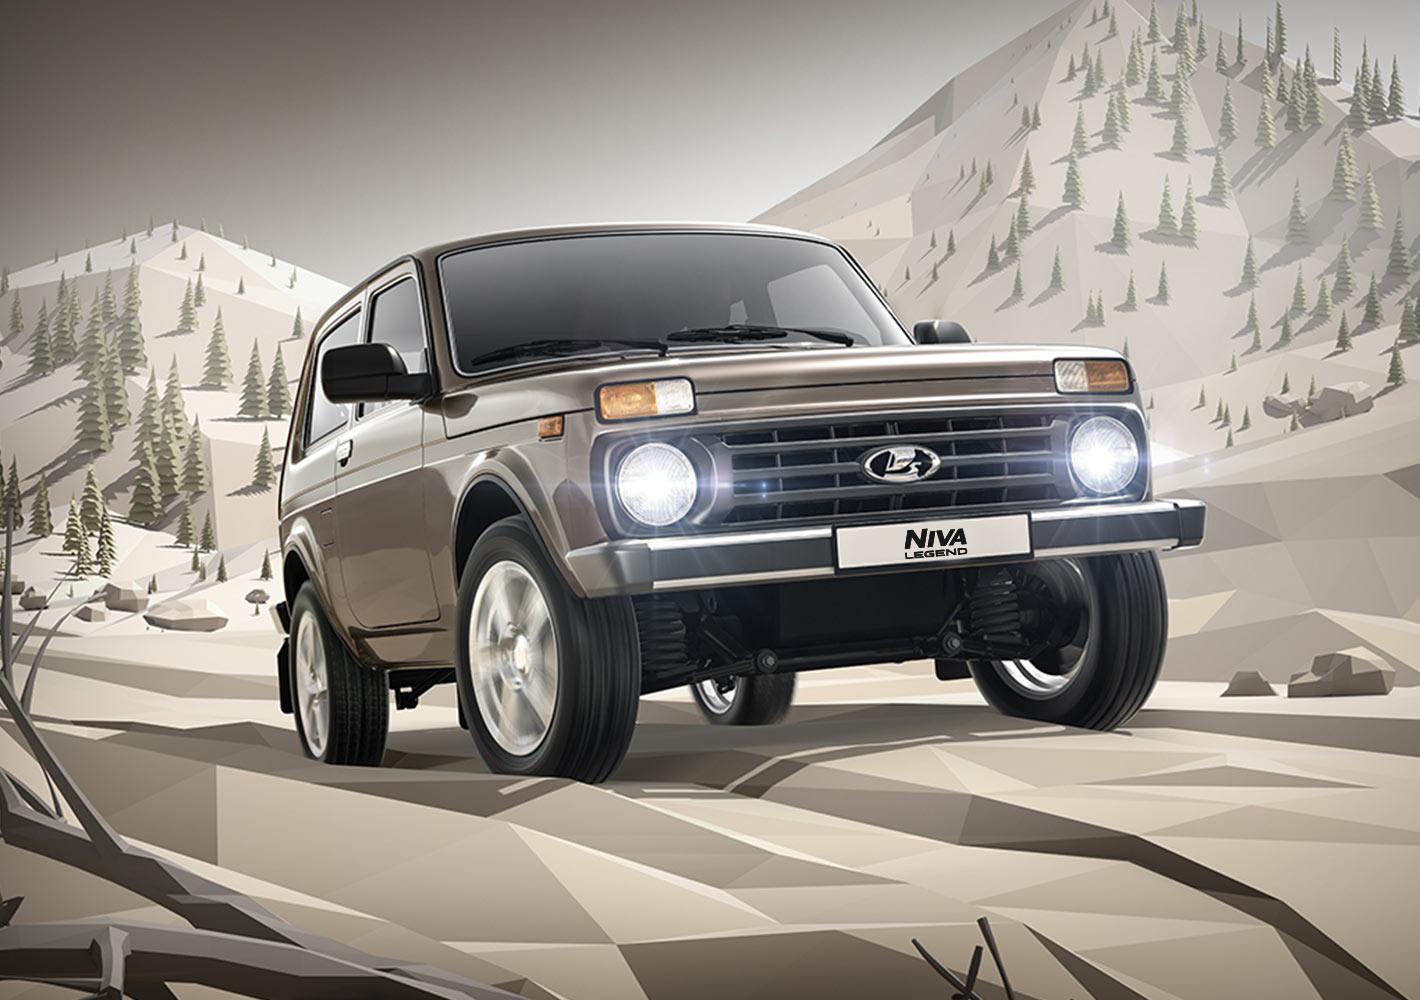 Специальное предложение на автомобили LADA Niva Legend